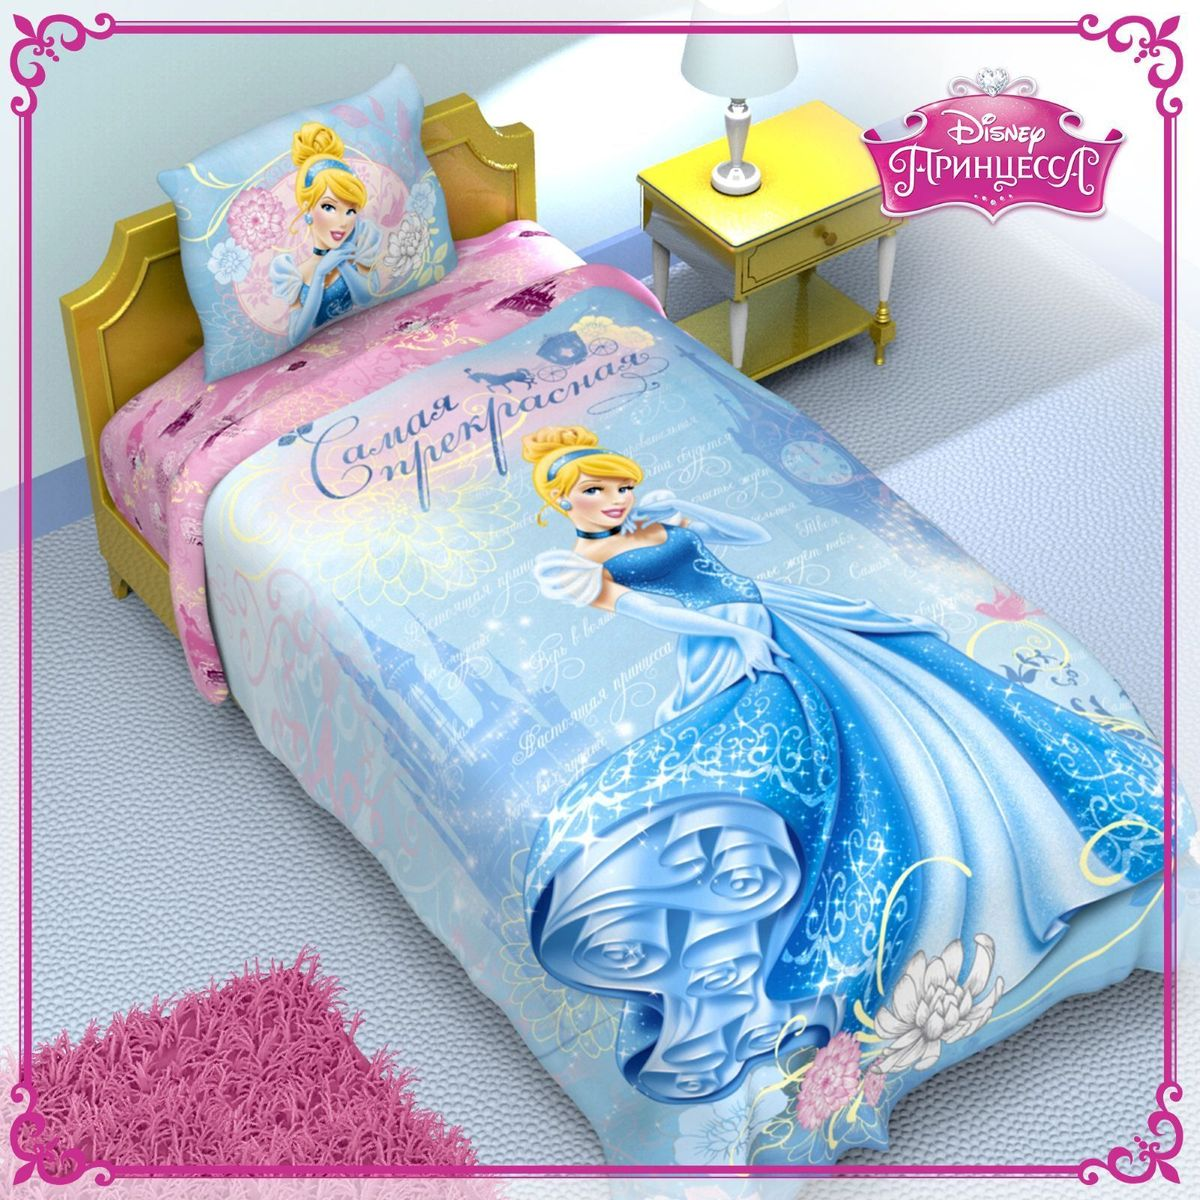 Disney Комплект детского постельного белья Принцессы 1,5 спальноеkitty_rose-50Disney совместно с ТМ «Этель» представляет коллекцию детского постельного белья с изображением популярных анимационных персонажей. Осуществите заветную мечту ребёнка, позвольте ему окунуться в волшебный мир сказок, где любимые персонажи создадут атмосферу тепла и уюта для вашего малыша. Постельное бельё изготовлено из уникального мягкого, тонкого и прочного материала — поплин (100% хлопок, 125 г/м2). Ткань создаётся из высоких сортов хлопка, нить получается плотная и гладкая. Такая ткань лучше прокрашивается, рисунок держится дольше и не выстирывается, ткань износостойкая и не даёт усадку. В производстве белья используется современное оборудование и технологии, а также безопасные красители. Профессиональные дизайнеры совместно с Disney разрабатывают дизайн каждого комплекта с особым вдохновением, тщательностью и заботой.